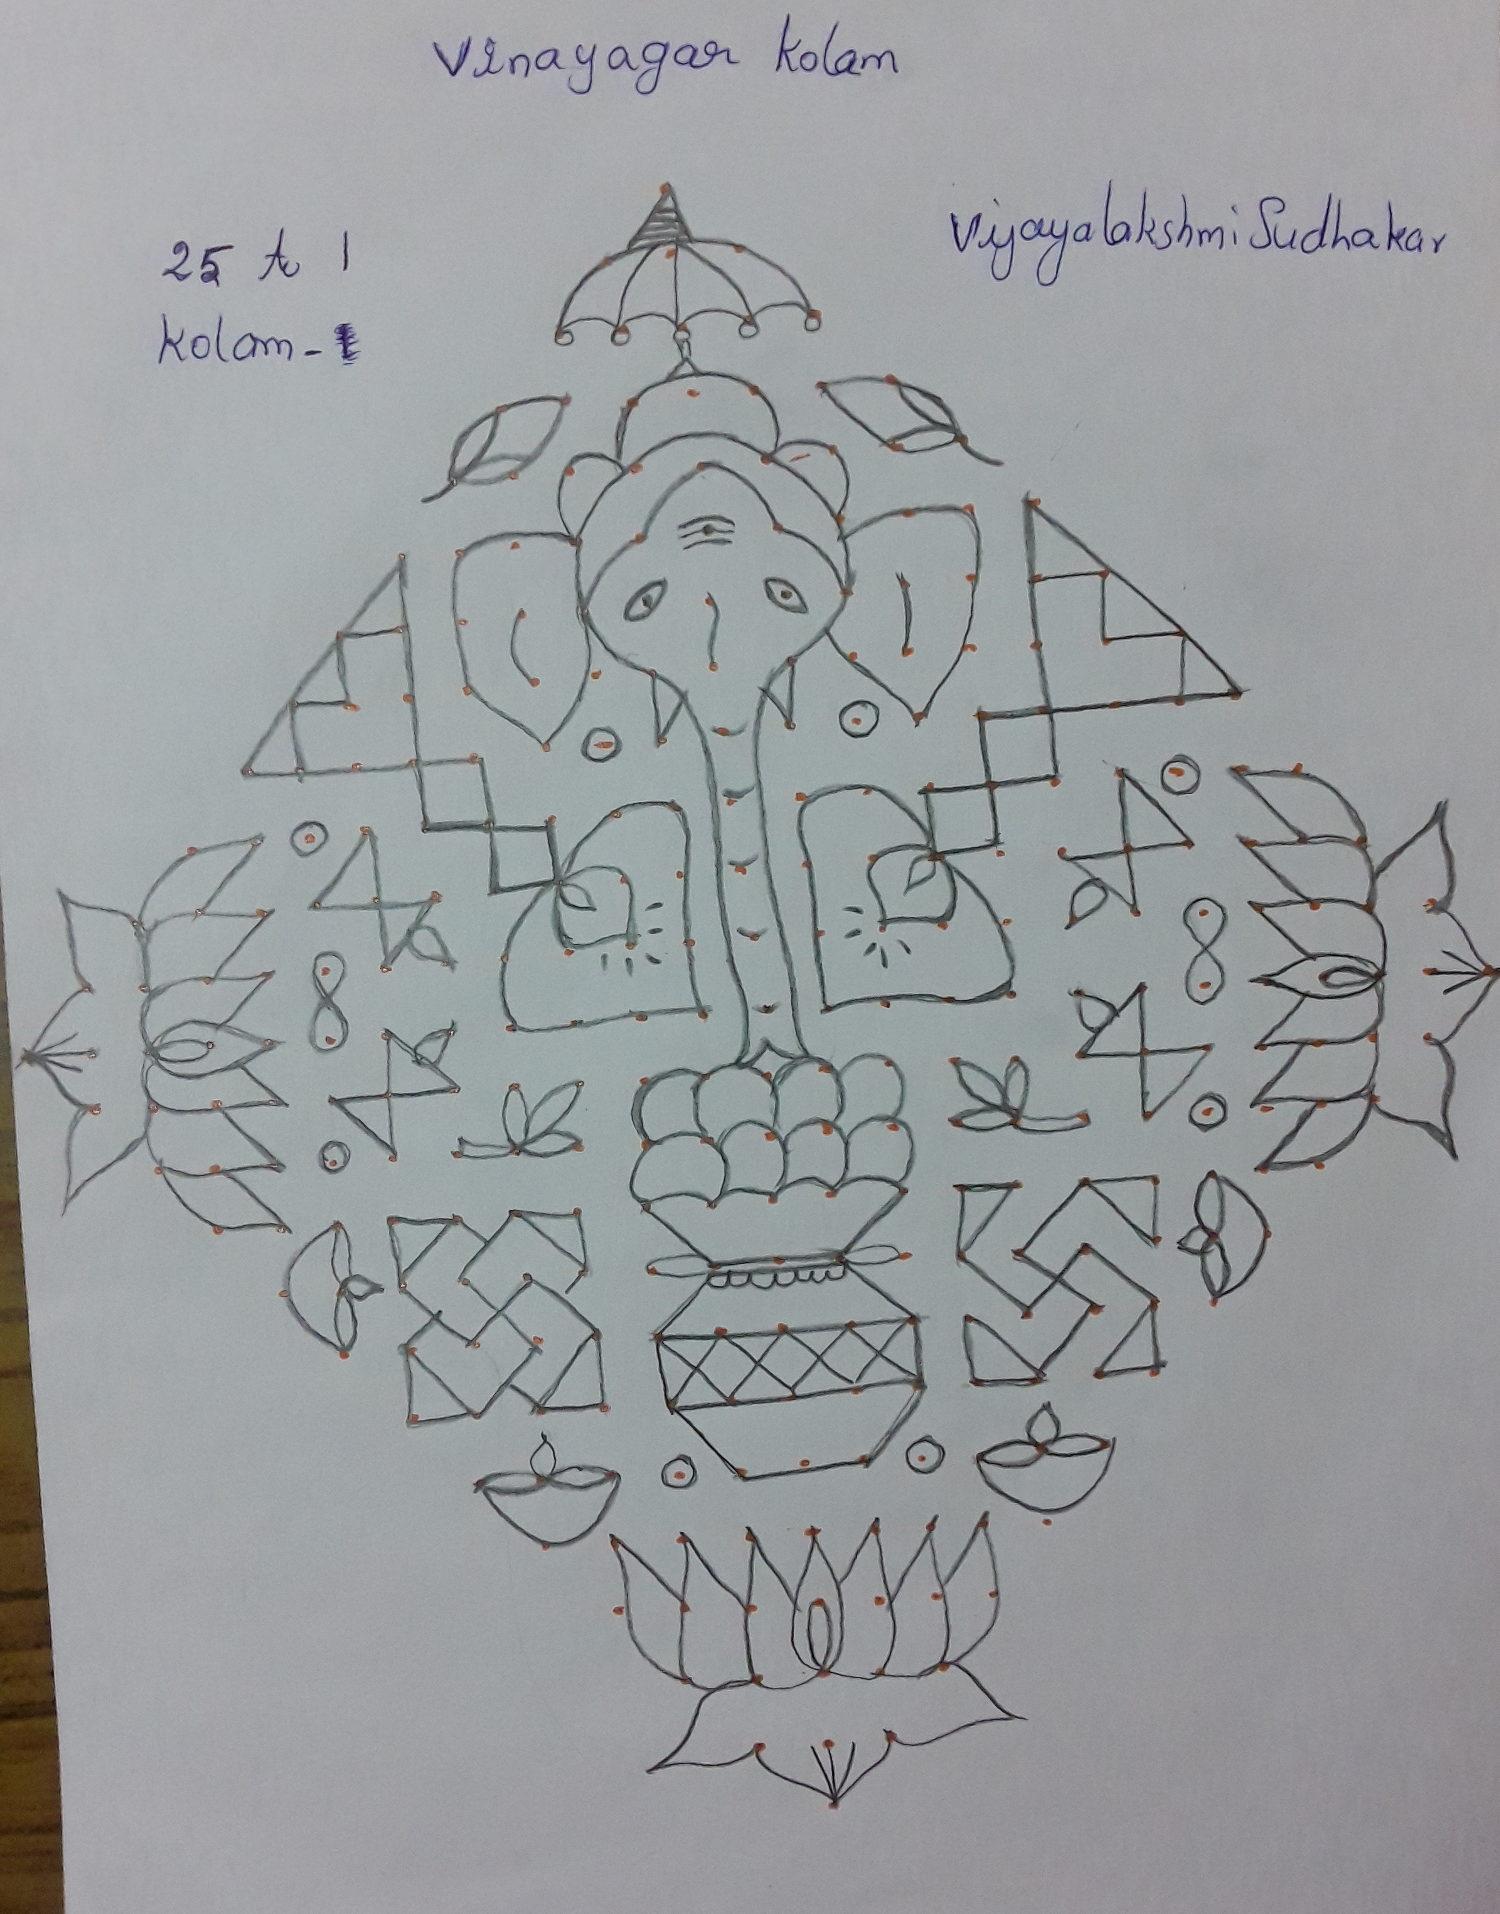 Vinayagar Kolam || Pongal Pot Kolam || 25 dots Contest Kolam